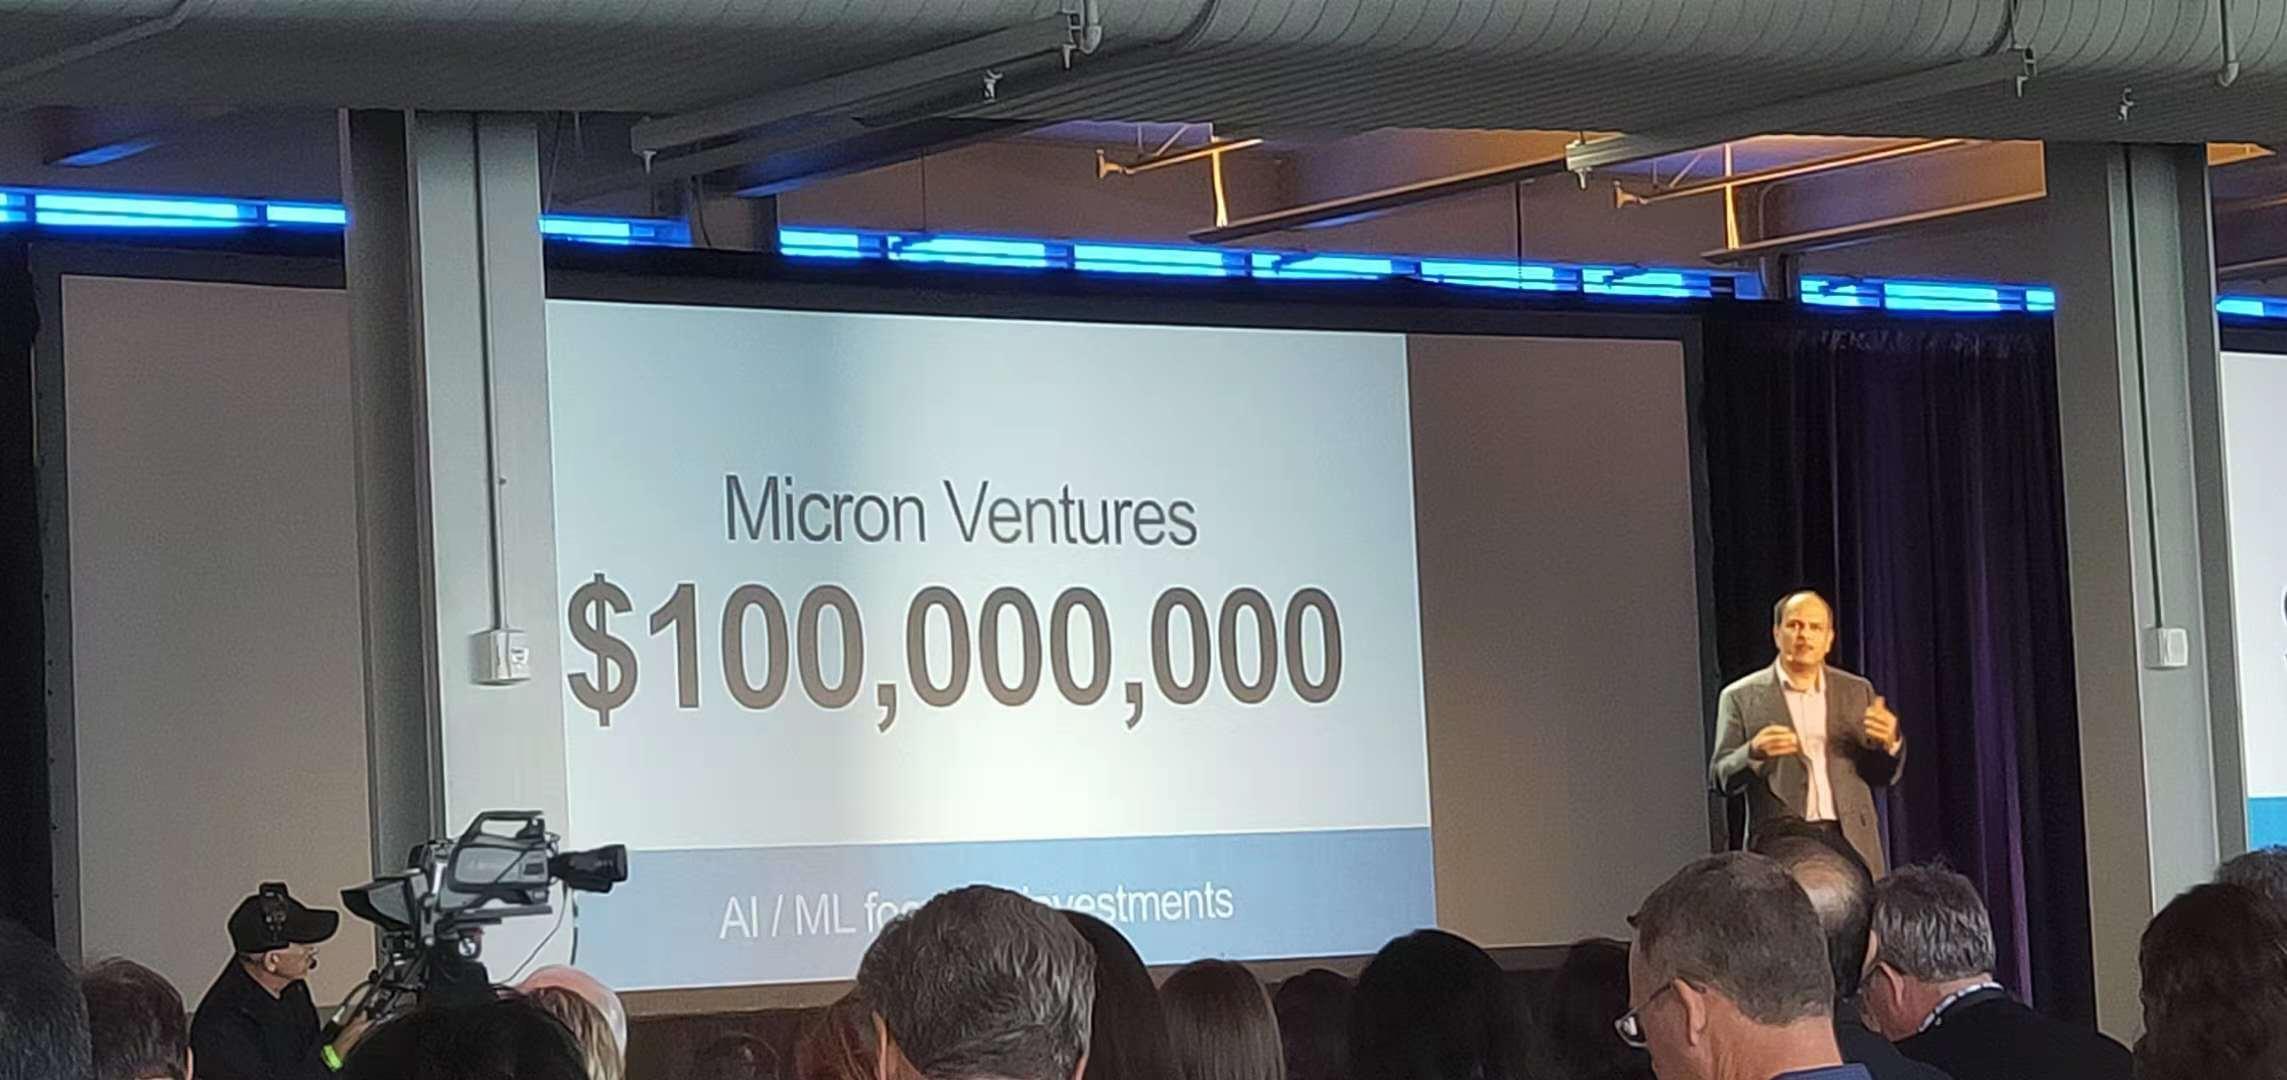 美光宣布投资1 亿美元布局人工智能初创公司